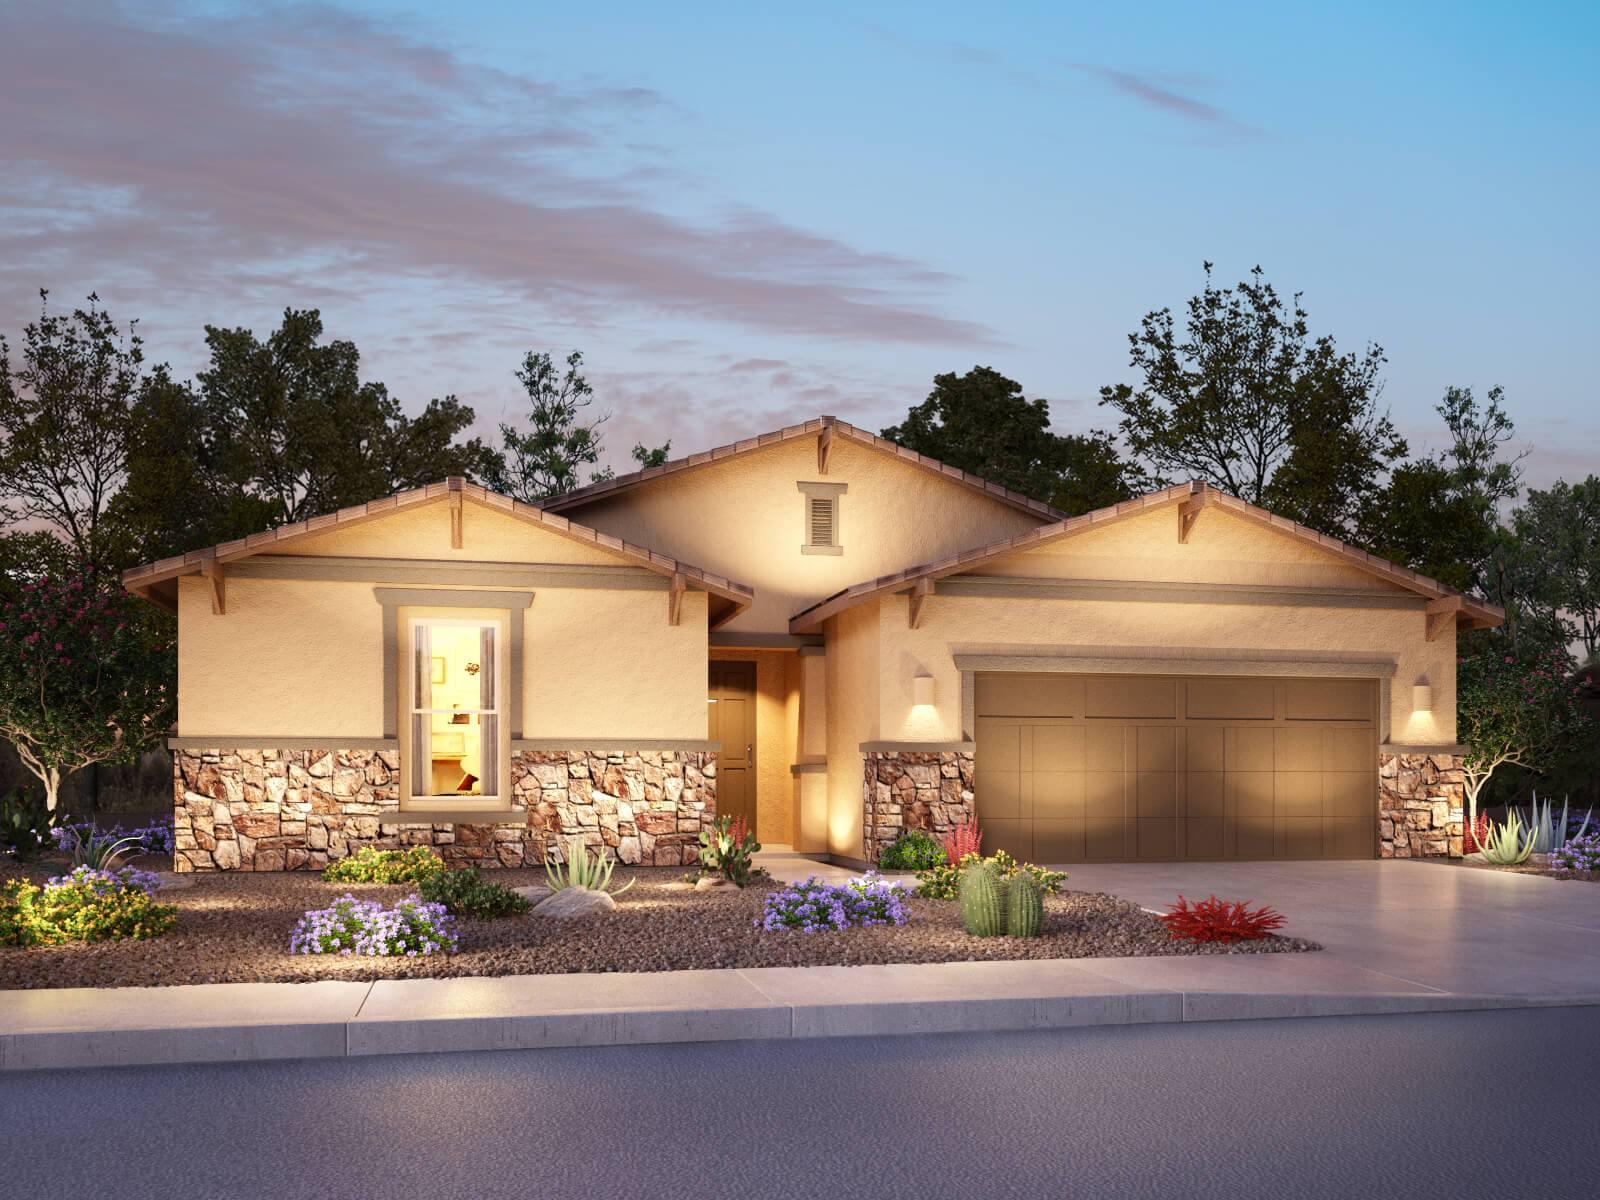 Casas Nuevas en Tucson - 680 casas para la venta